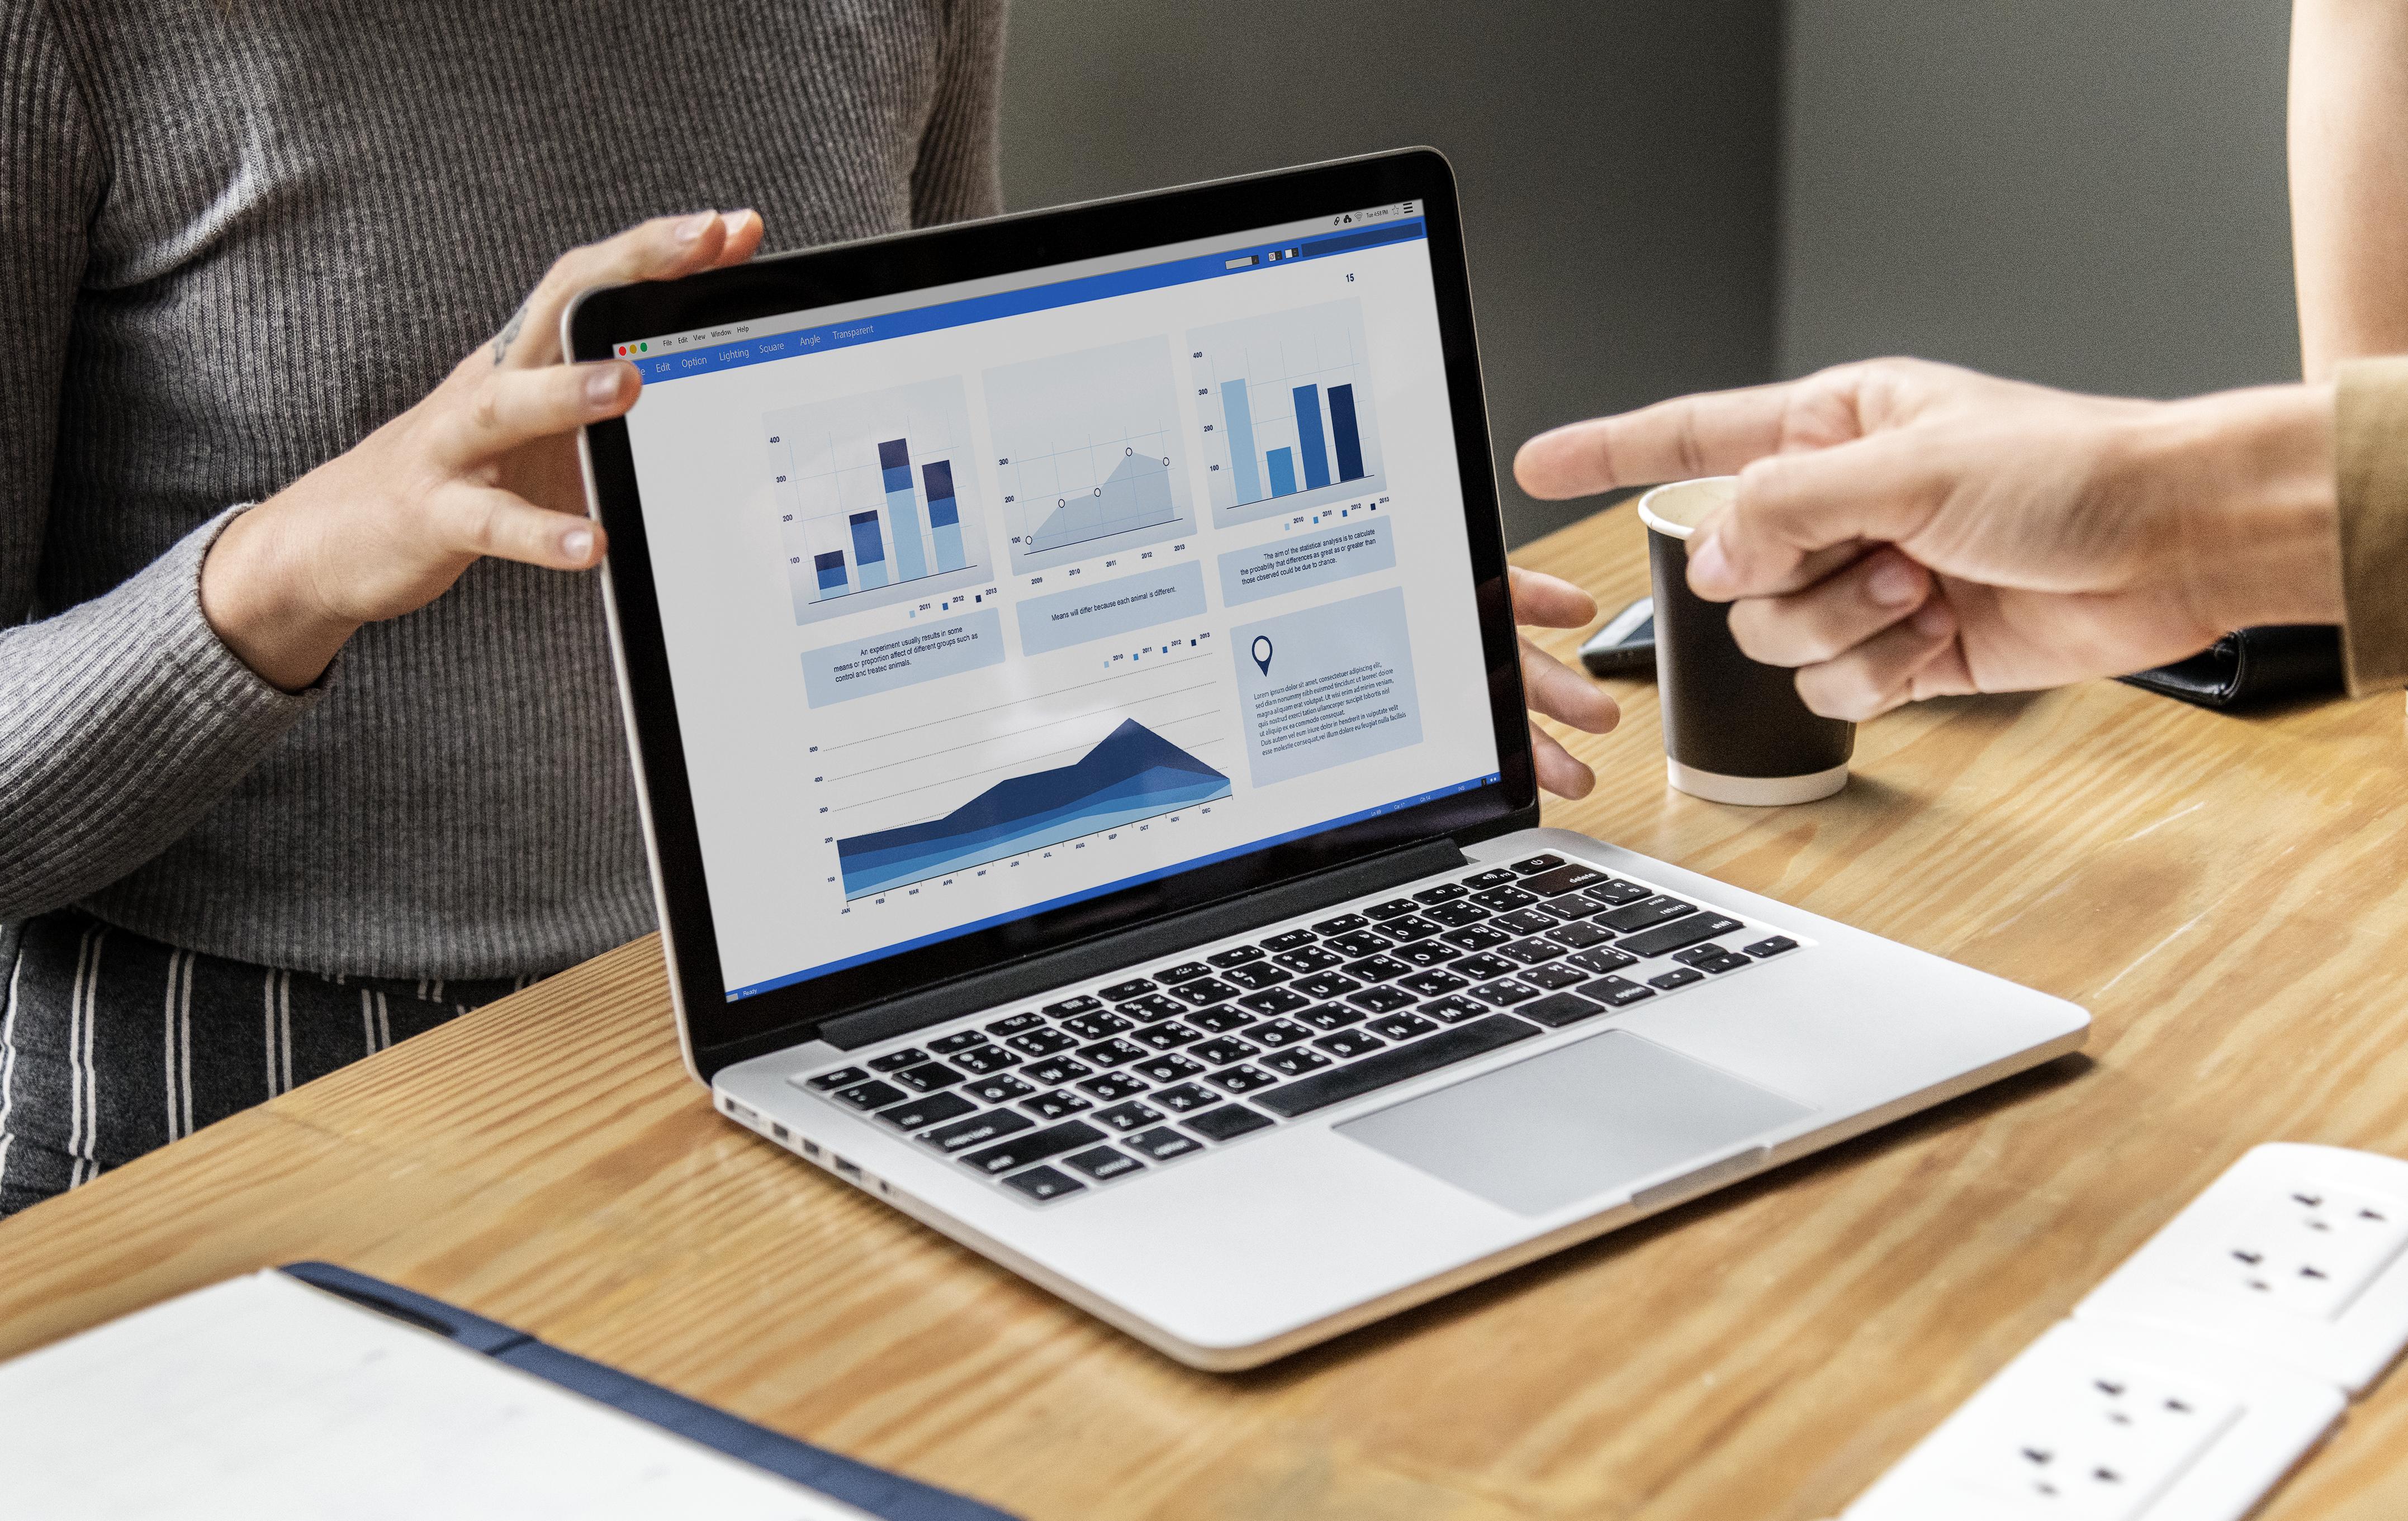 Resultados melhores e mais rápidos com a integração SAP e EOS